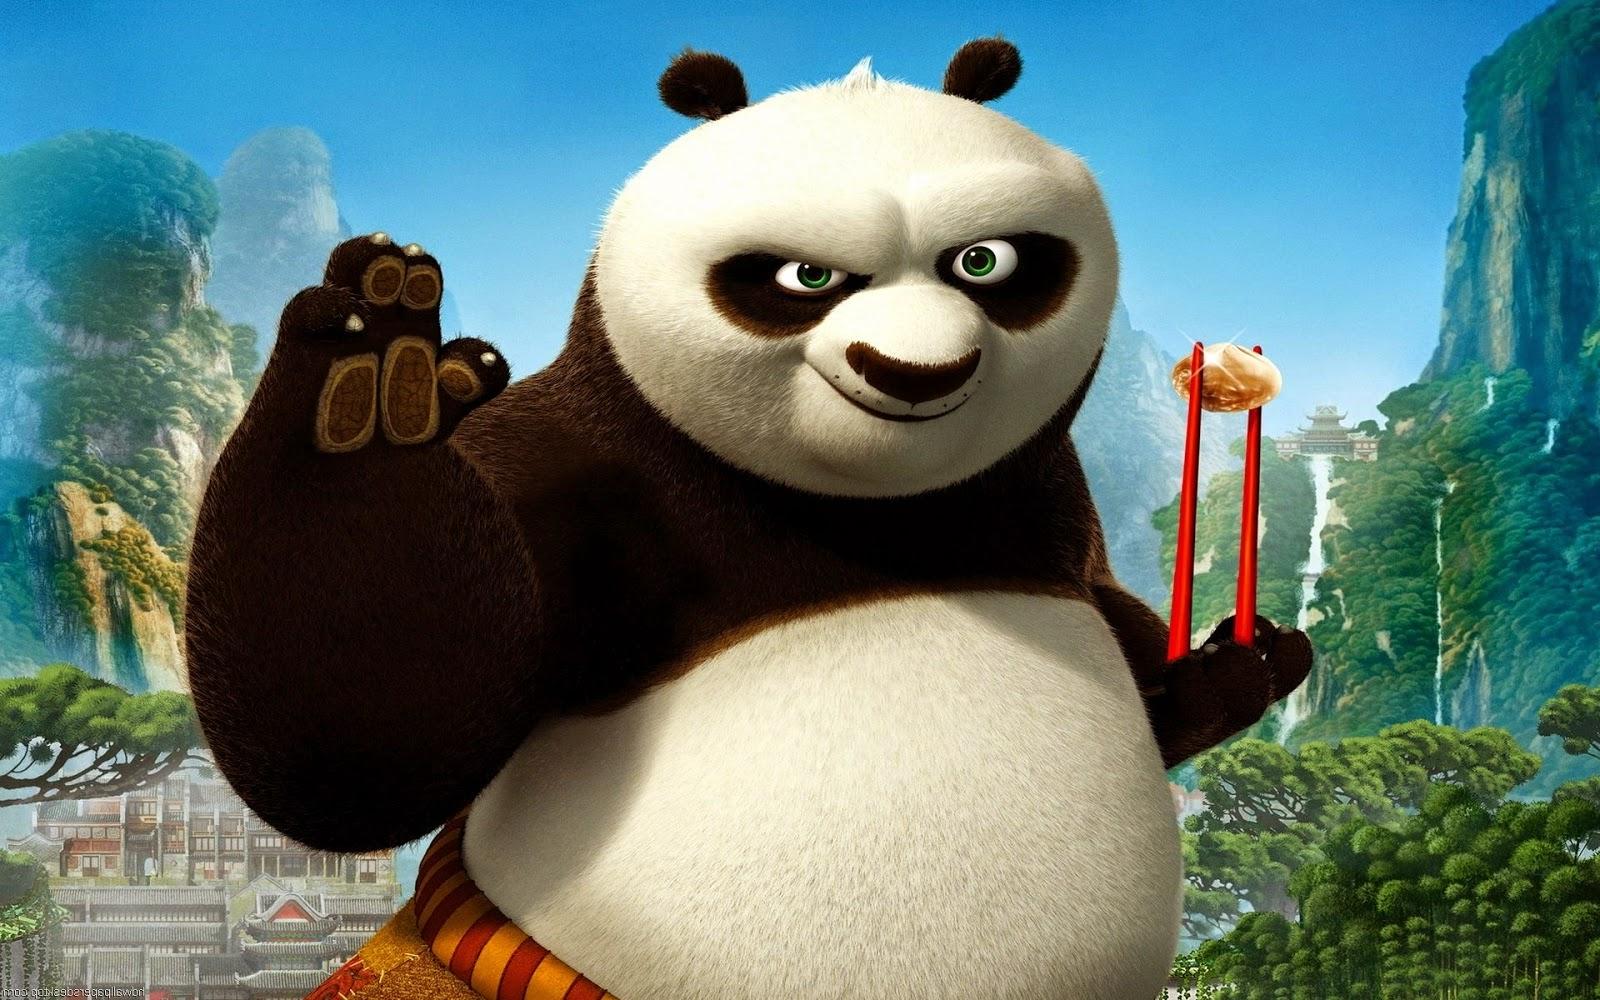 Baby kung fu panda face